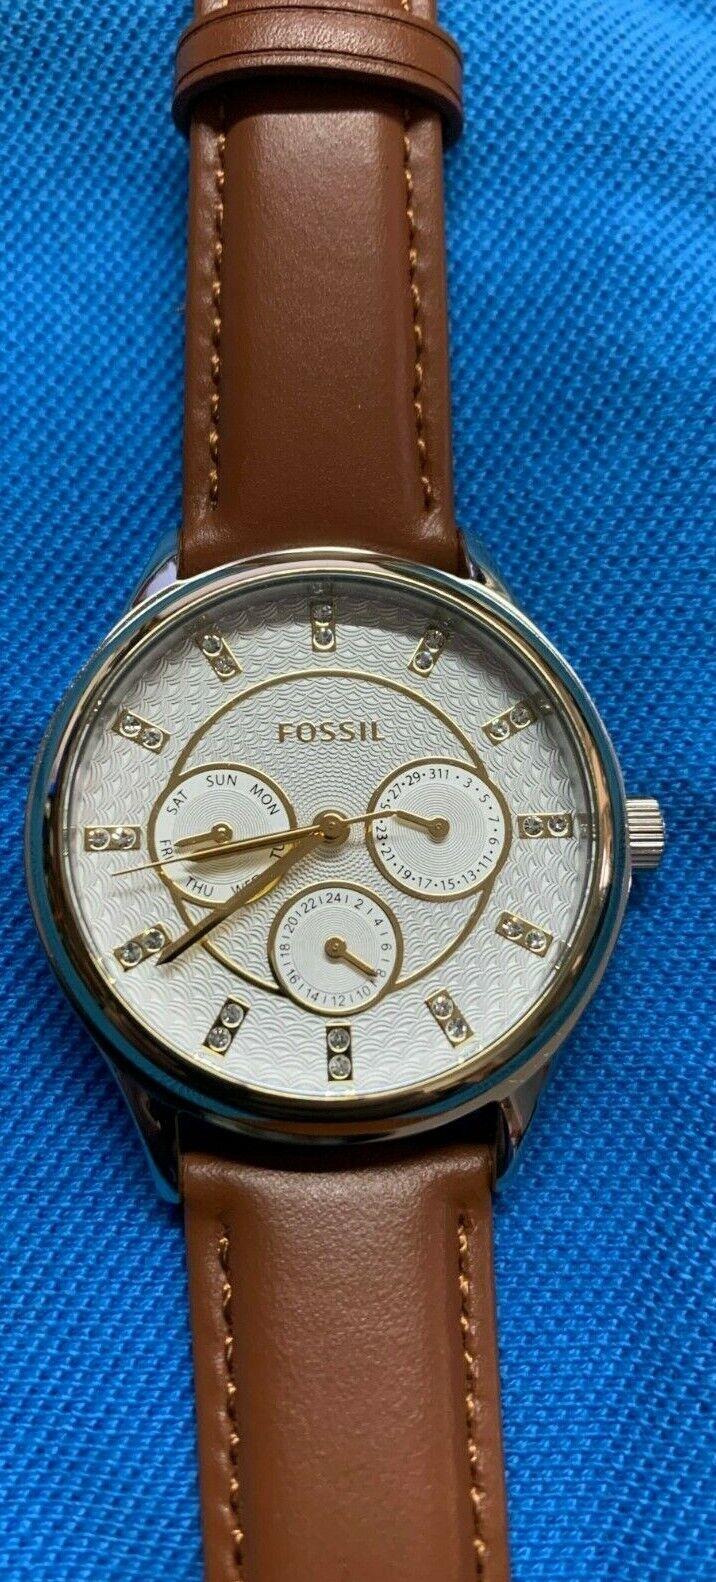 Fossil BQ3408 Damenuhr Armbanduhr Neu Leder braun Chronograph Edelstahl Leder